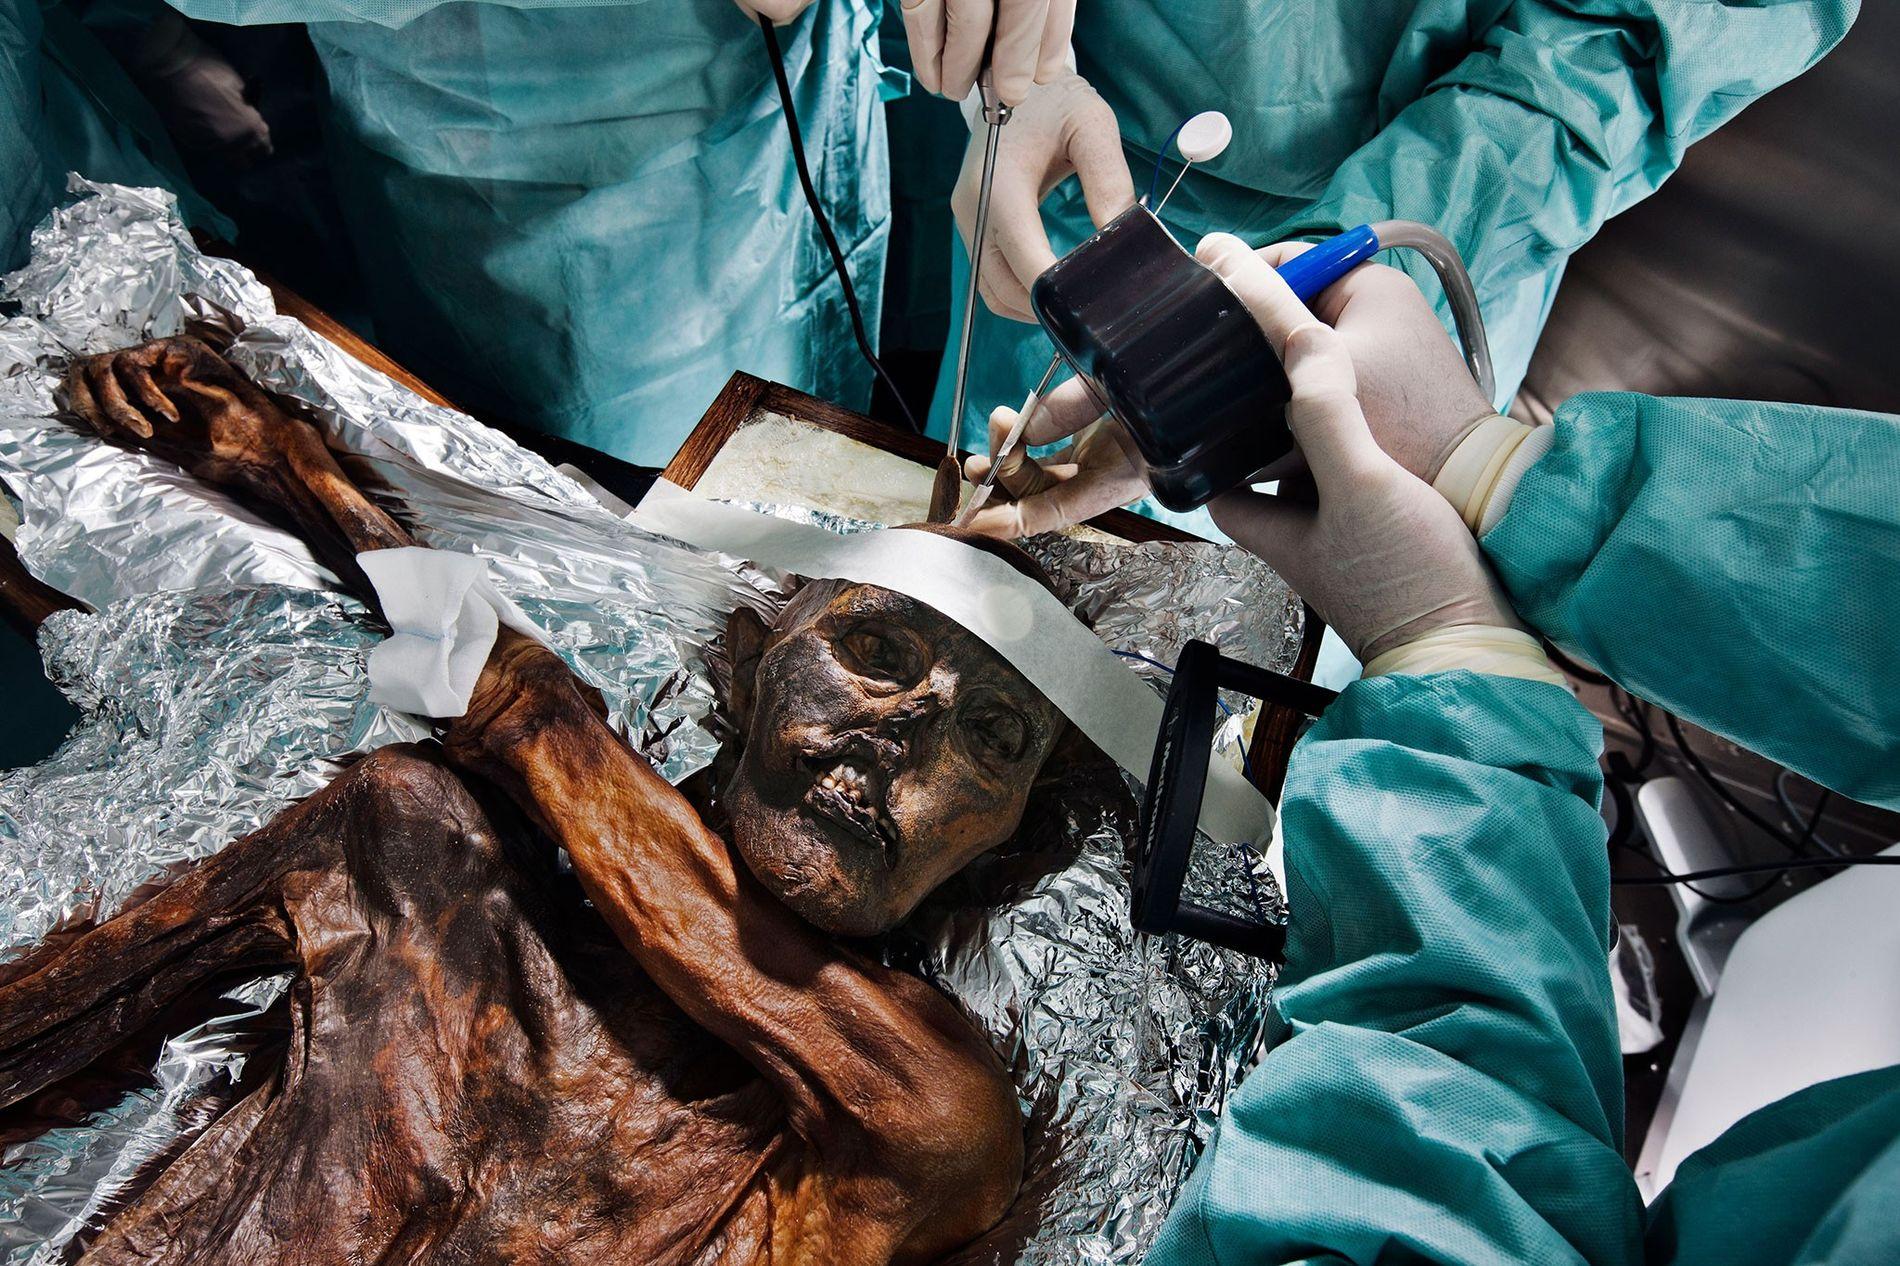 Os cientistas estudam os restos mortais de Ötzi, o Homem do Gelo, de 5,3 mil anos, em busca de pistas sobre sua vida e morte.